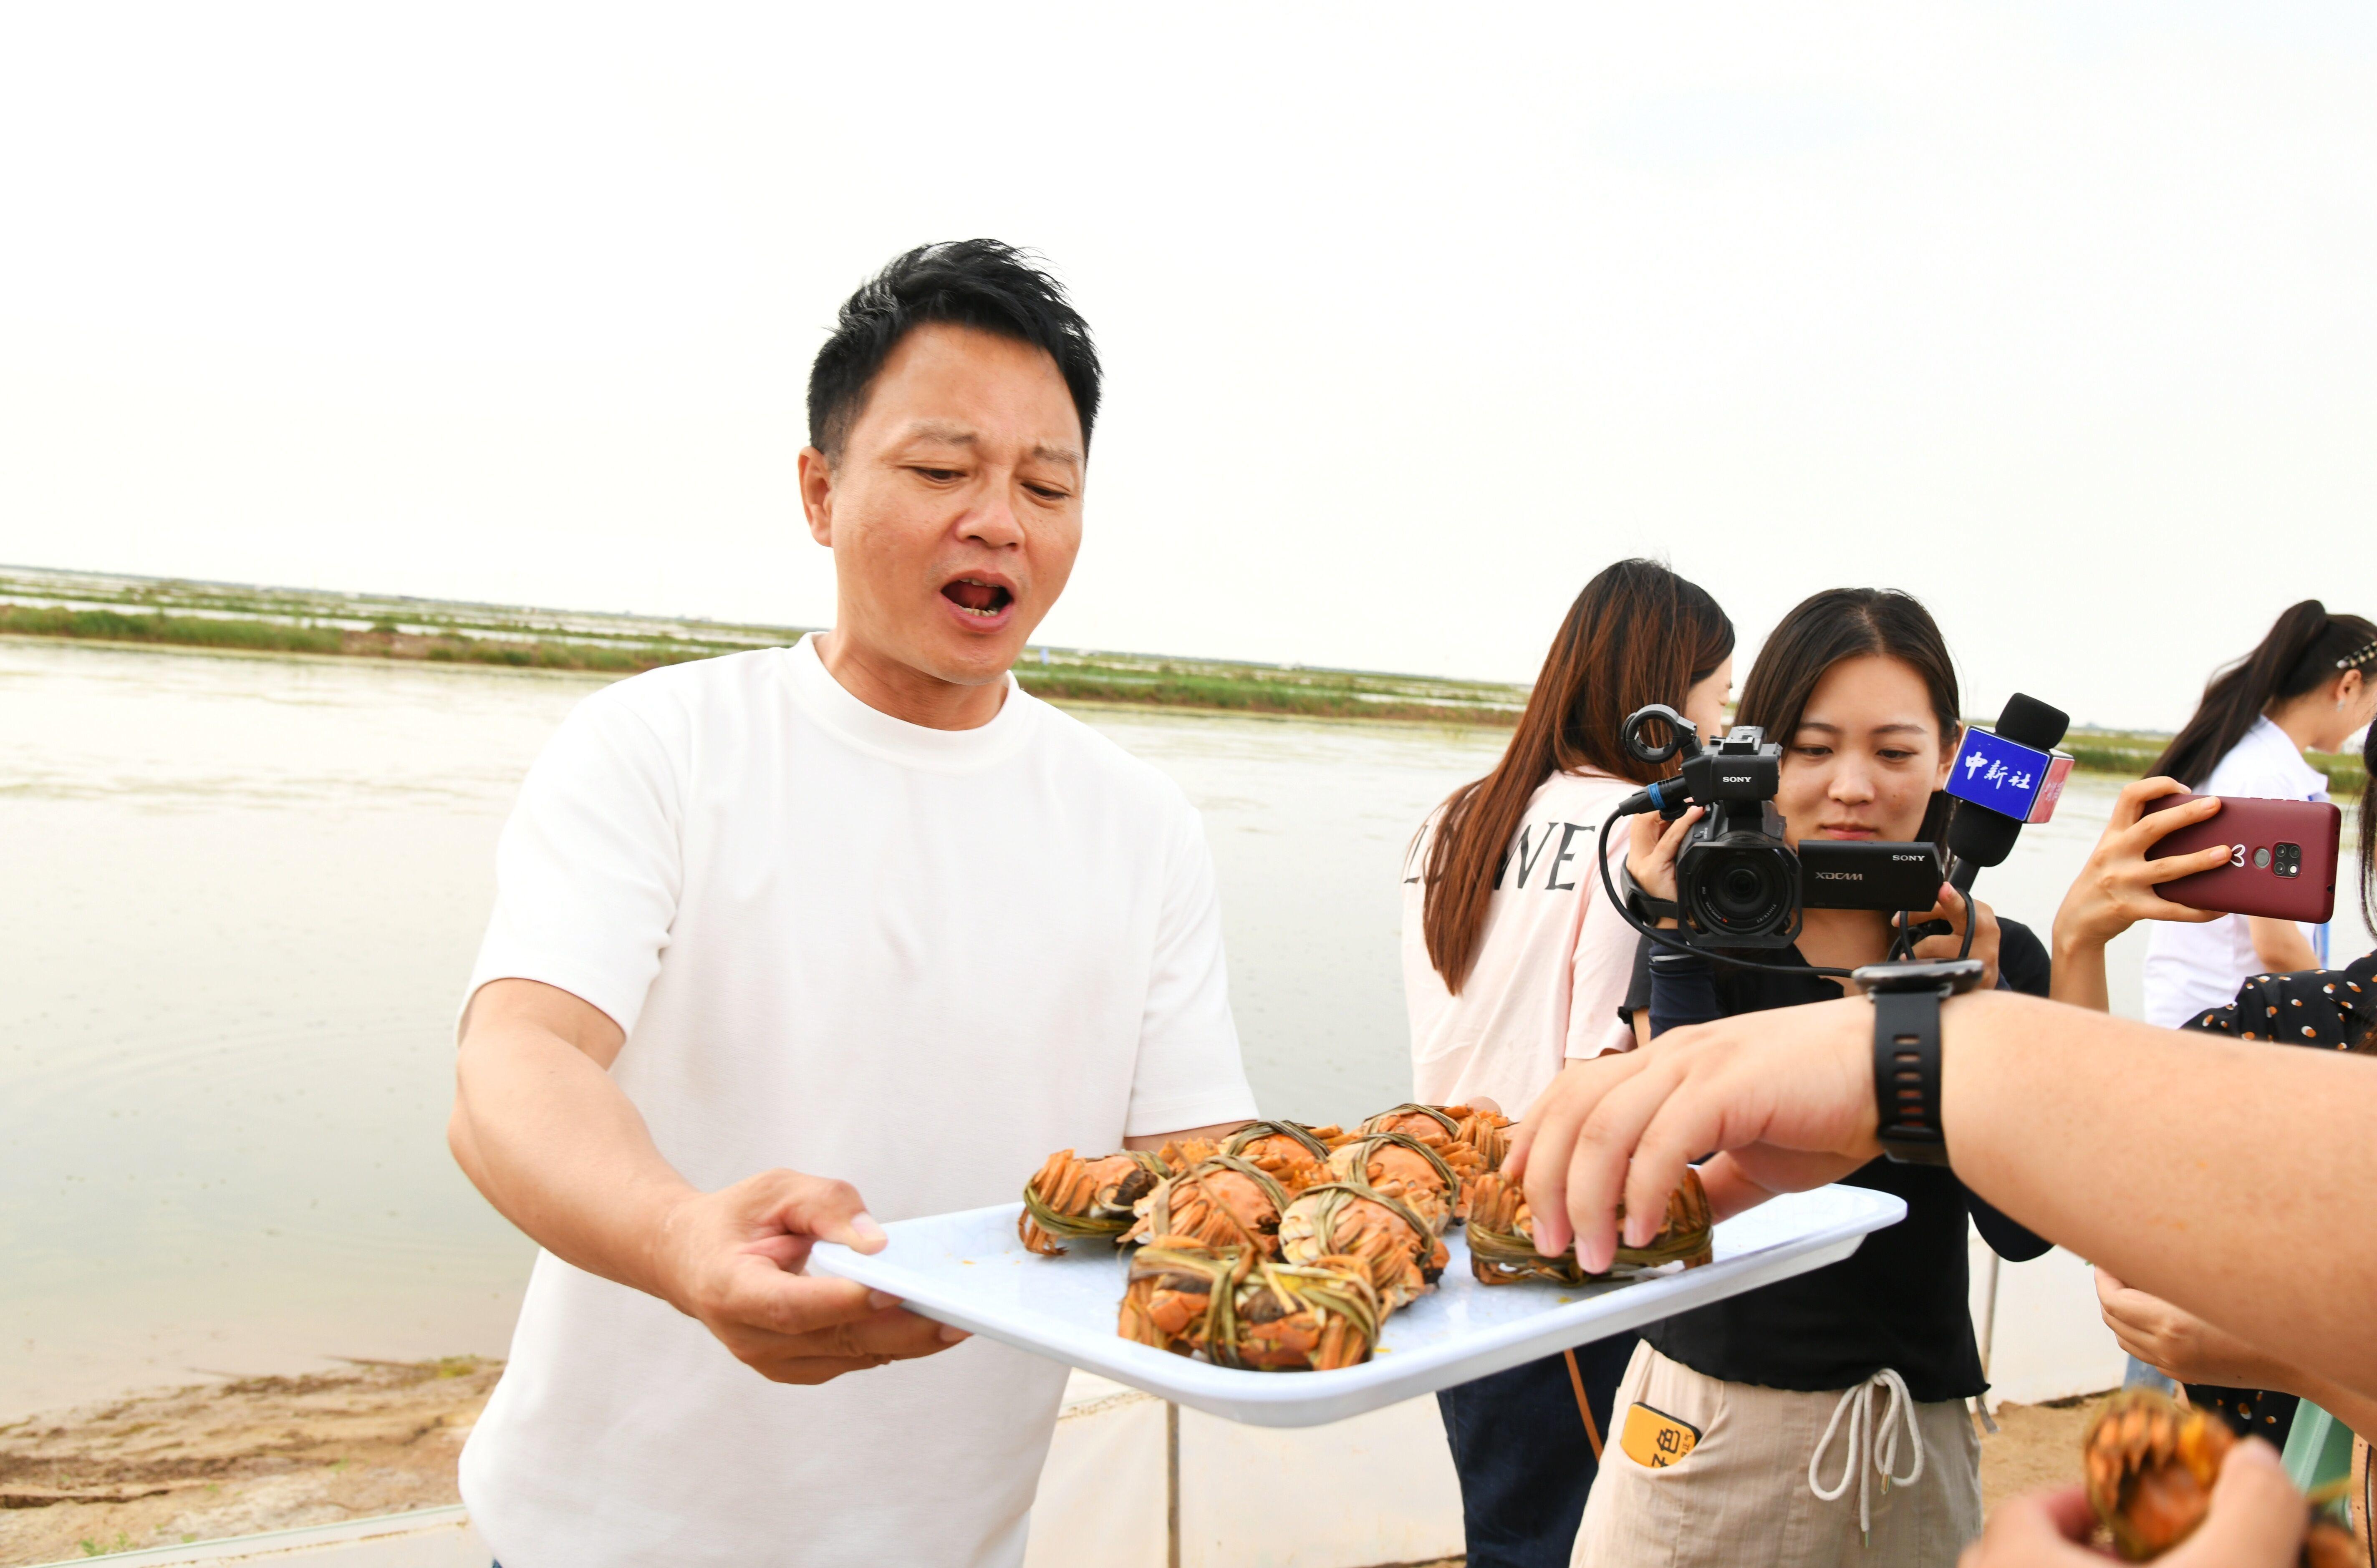 黄河口大闸蟹正式开捕,提前15至30天抢占市场先机